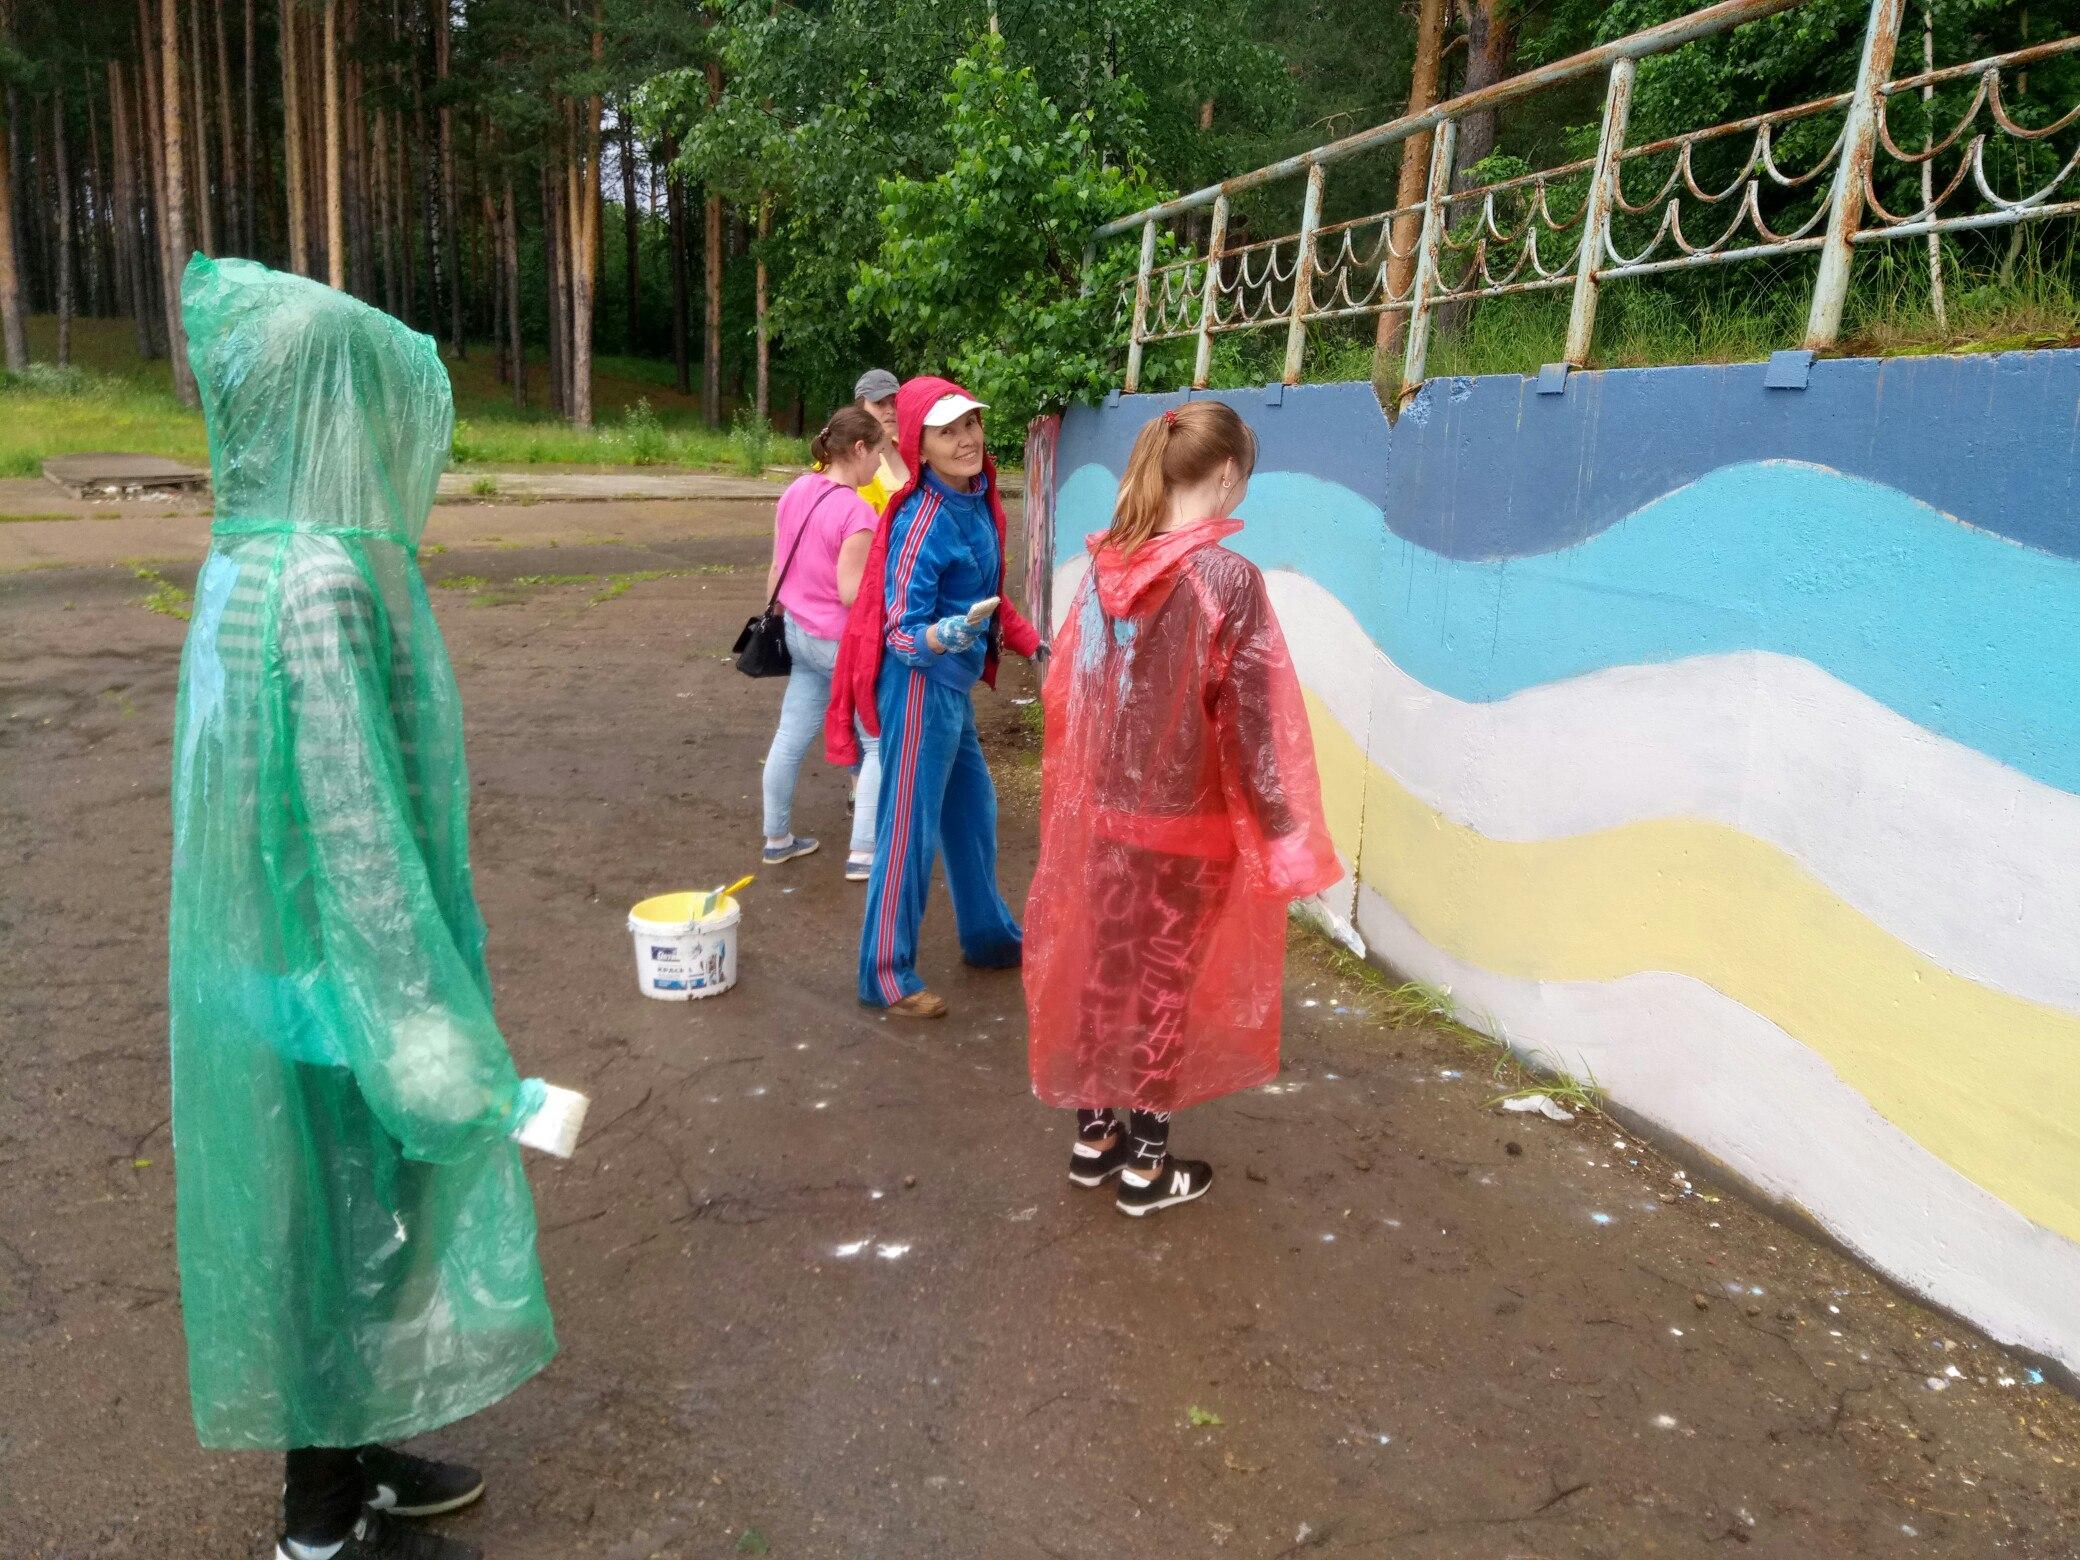 арт-суббота, Чайковский, 2017 год